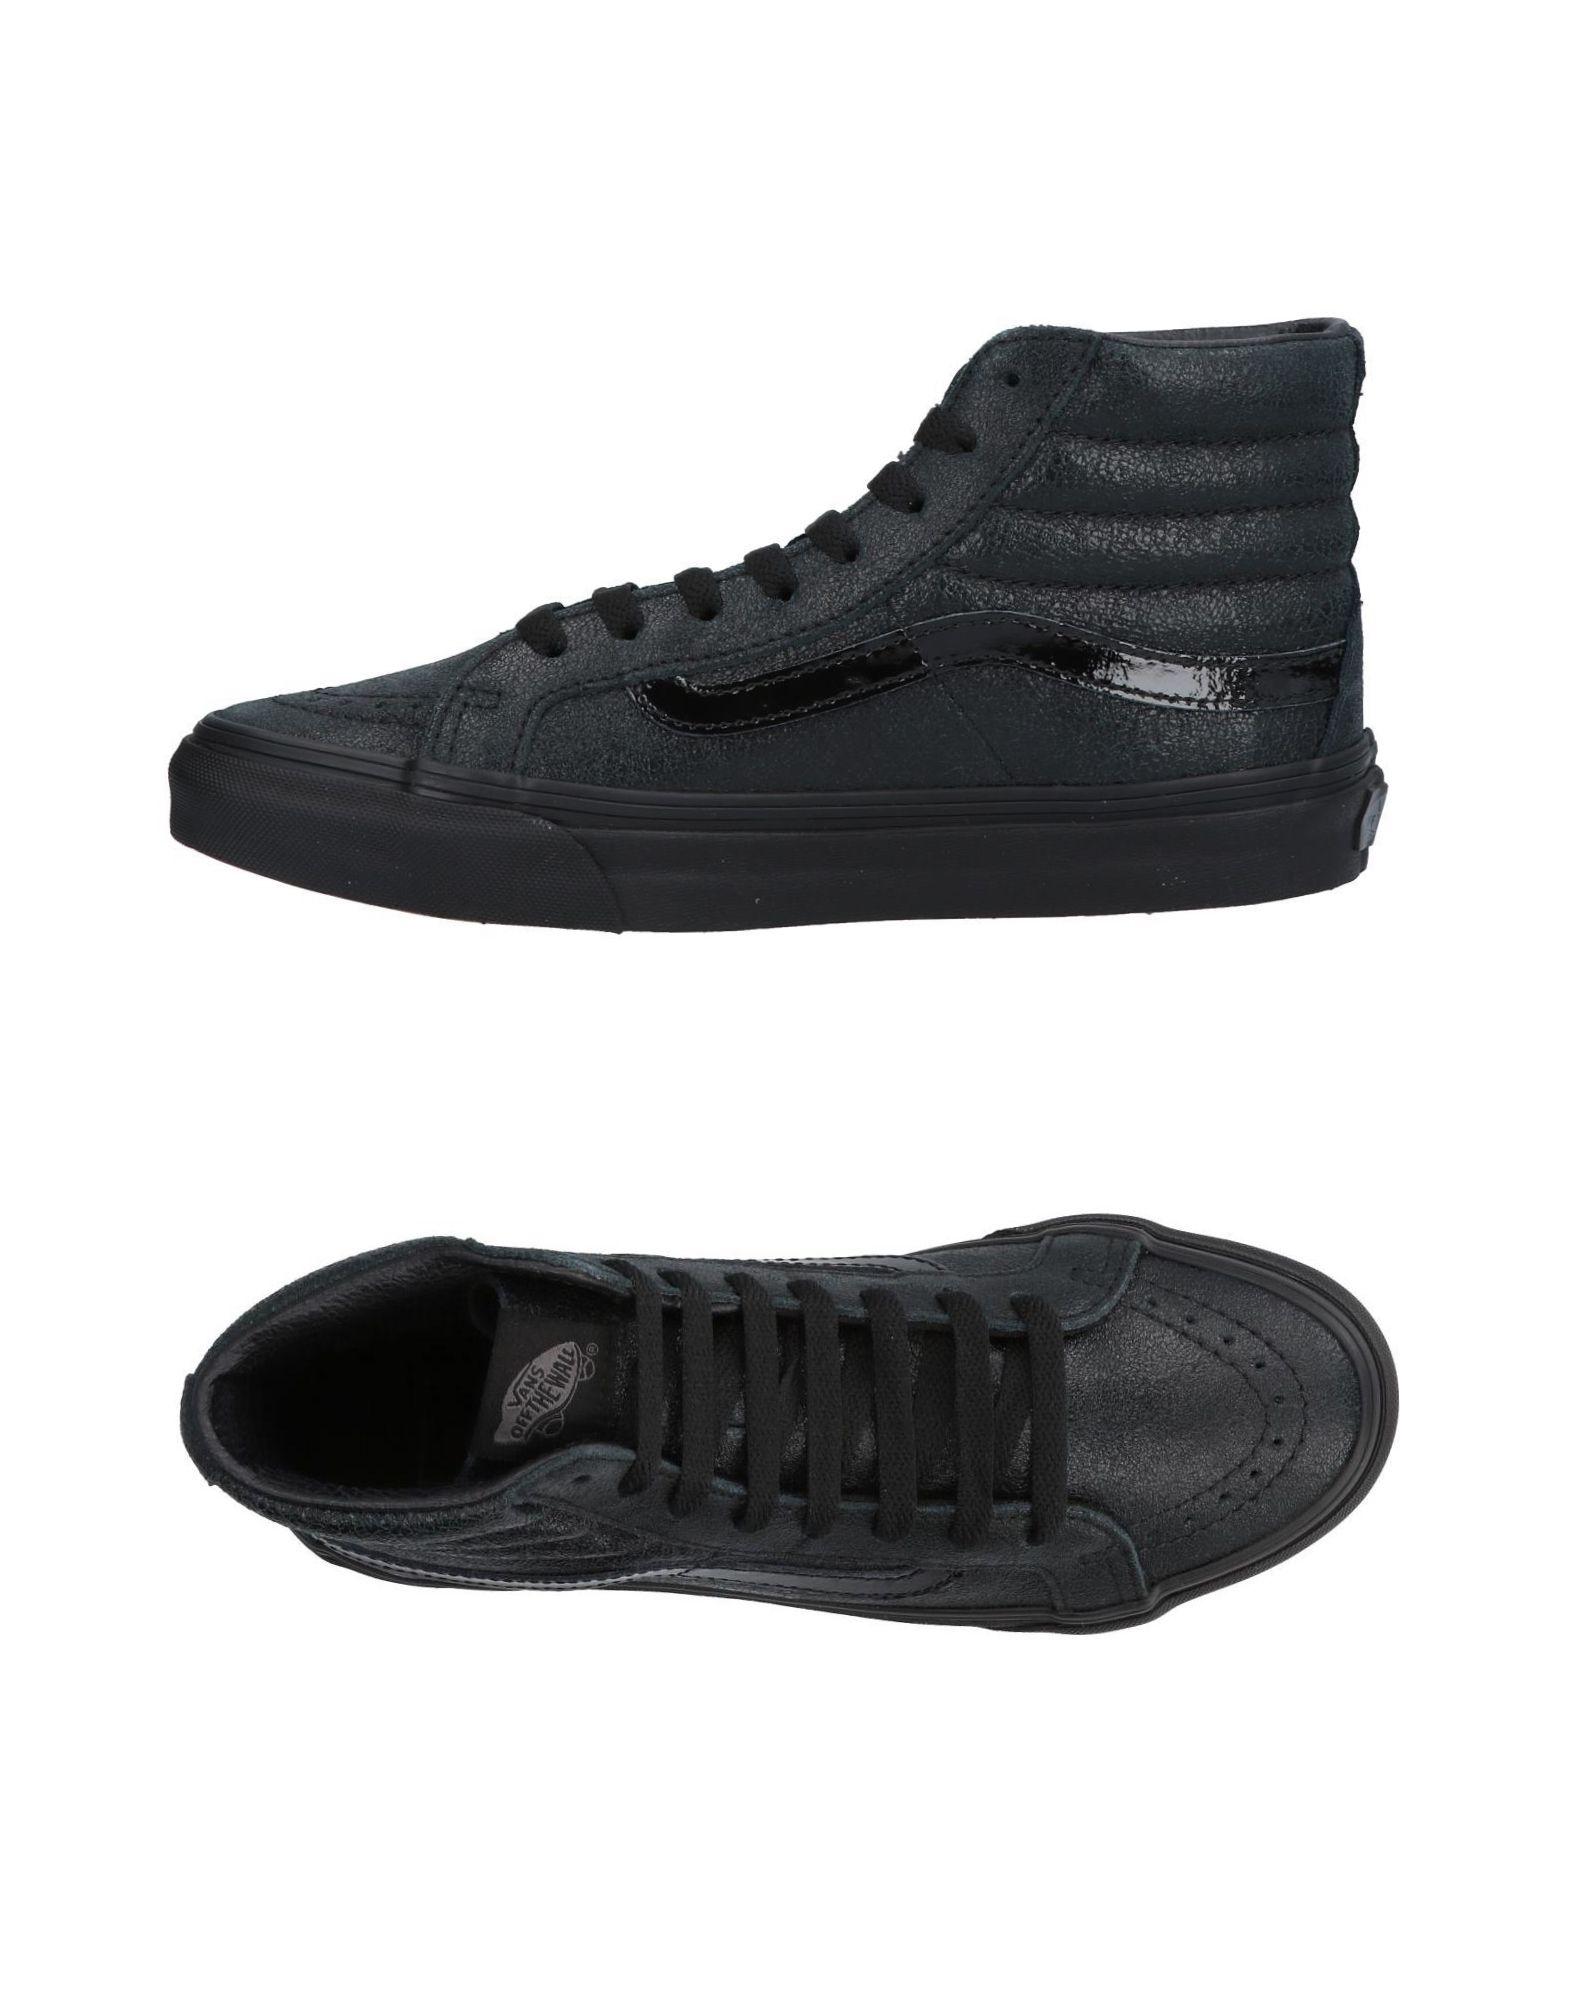 Vans Sneakers Schuhe Damen  11429231GJ Gute Qualität beliebte Schuhe Sneakers 551c3e